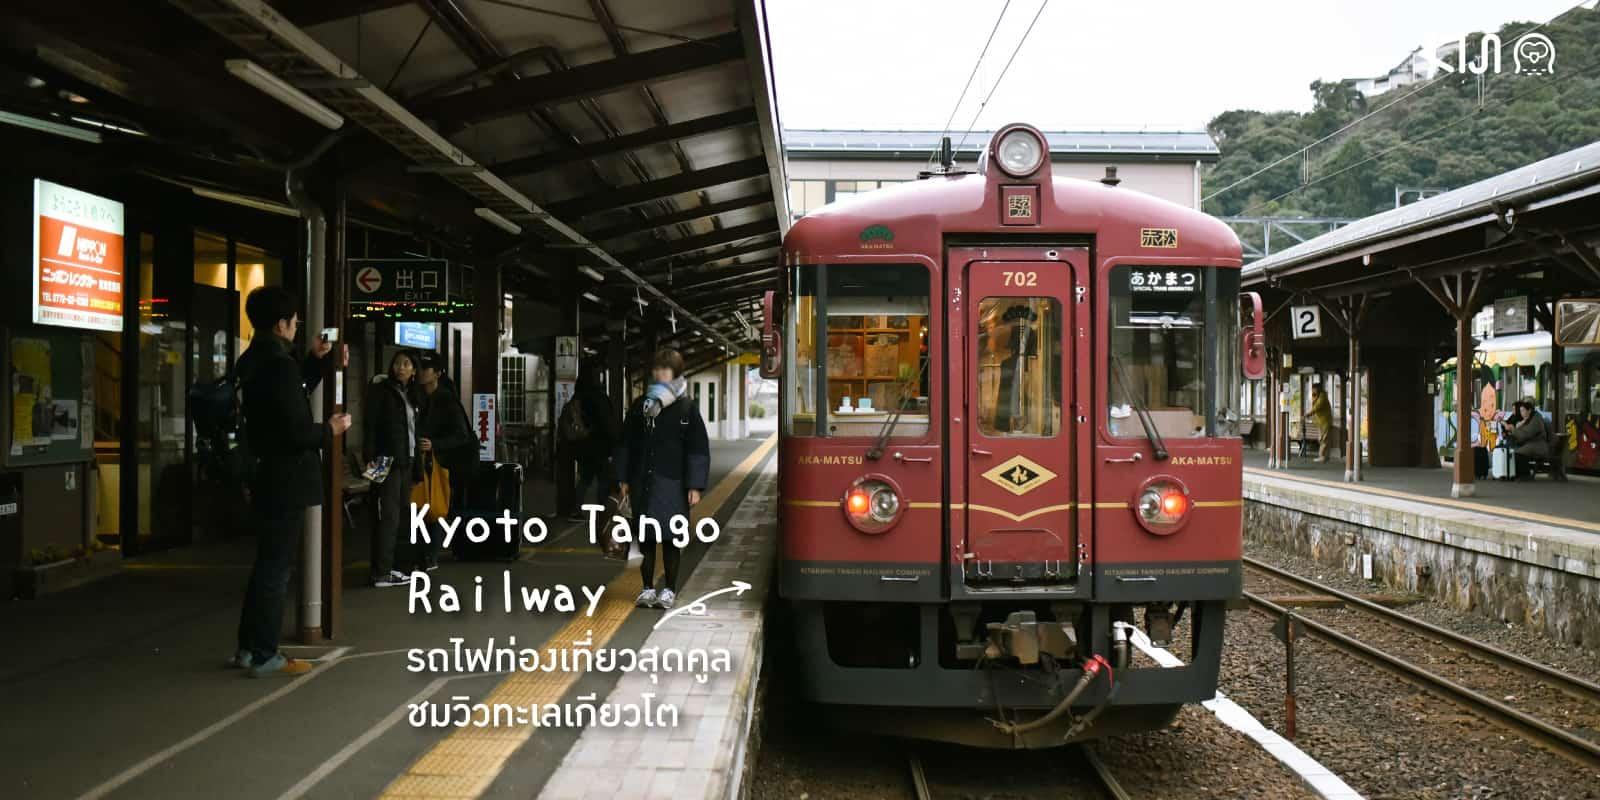 Aka-matsu หนึ่งในขบวนรถไฟของโครงการรถไฟท่องเที่ยว Kyoto Tango Railway